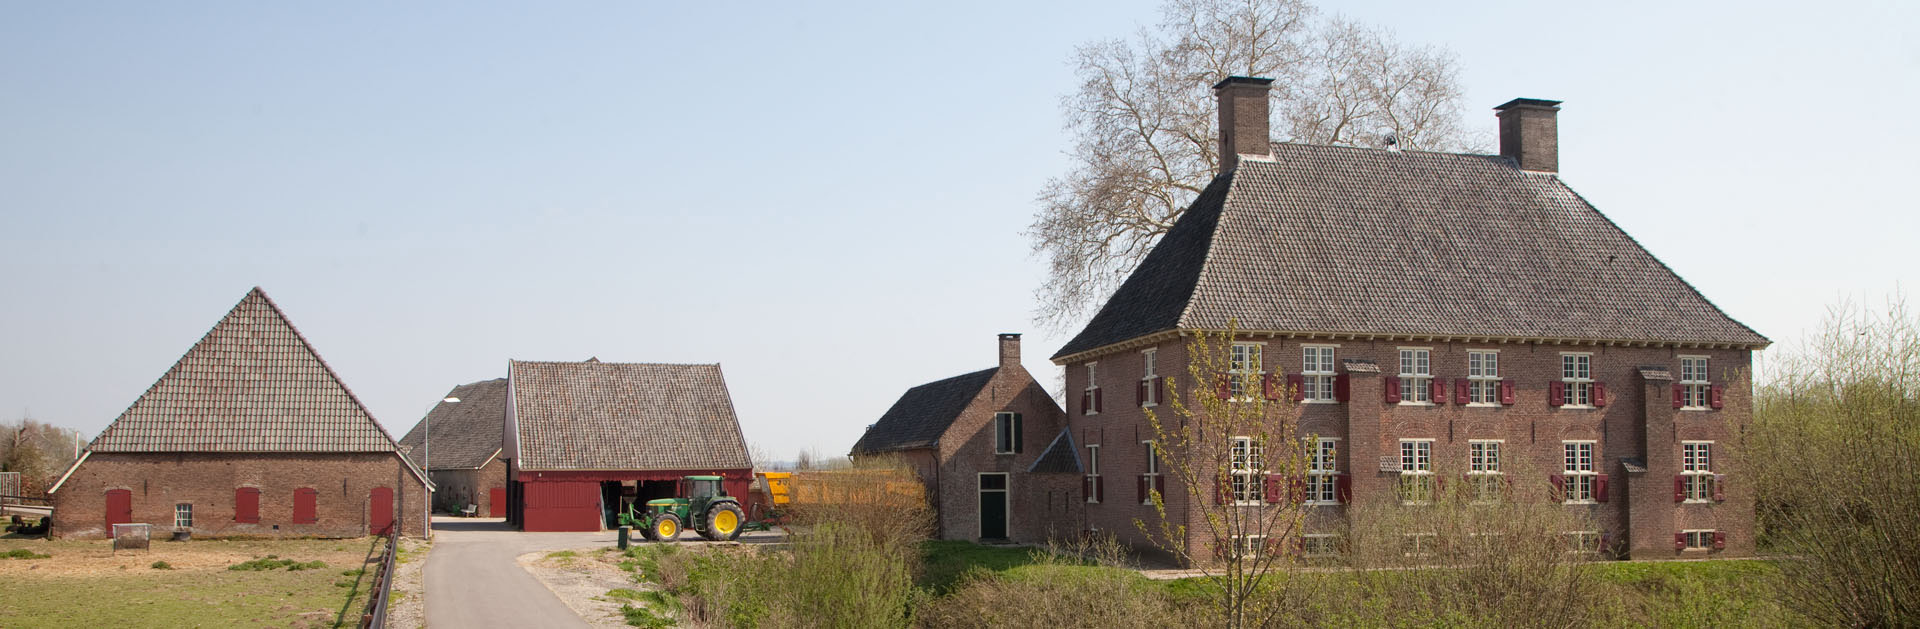 Huis Aerdt - Herwen